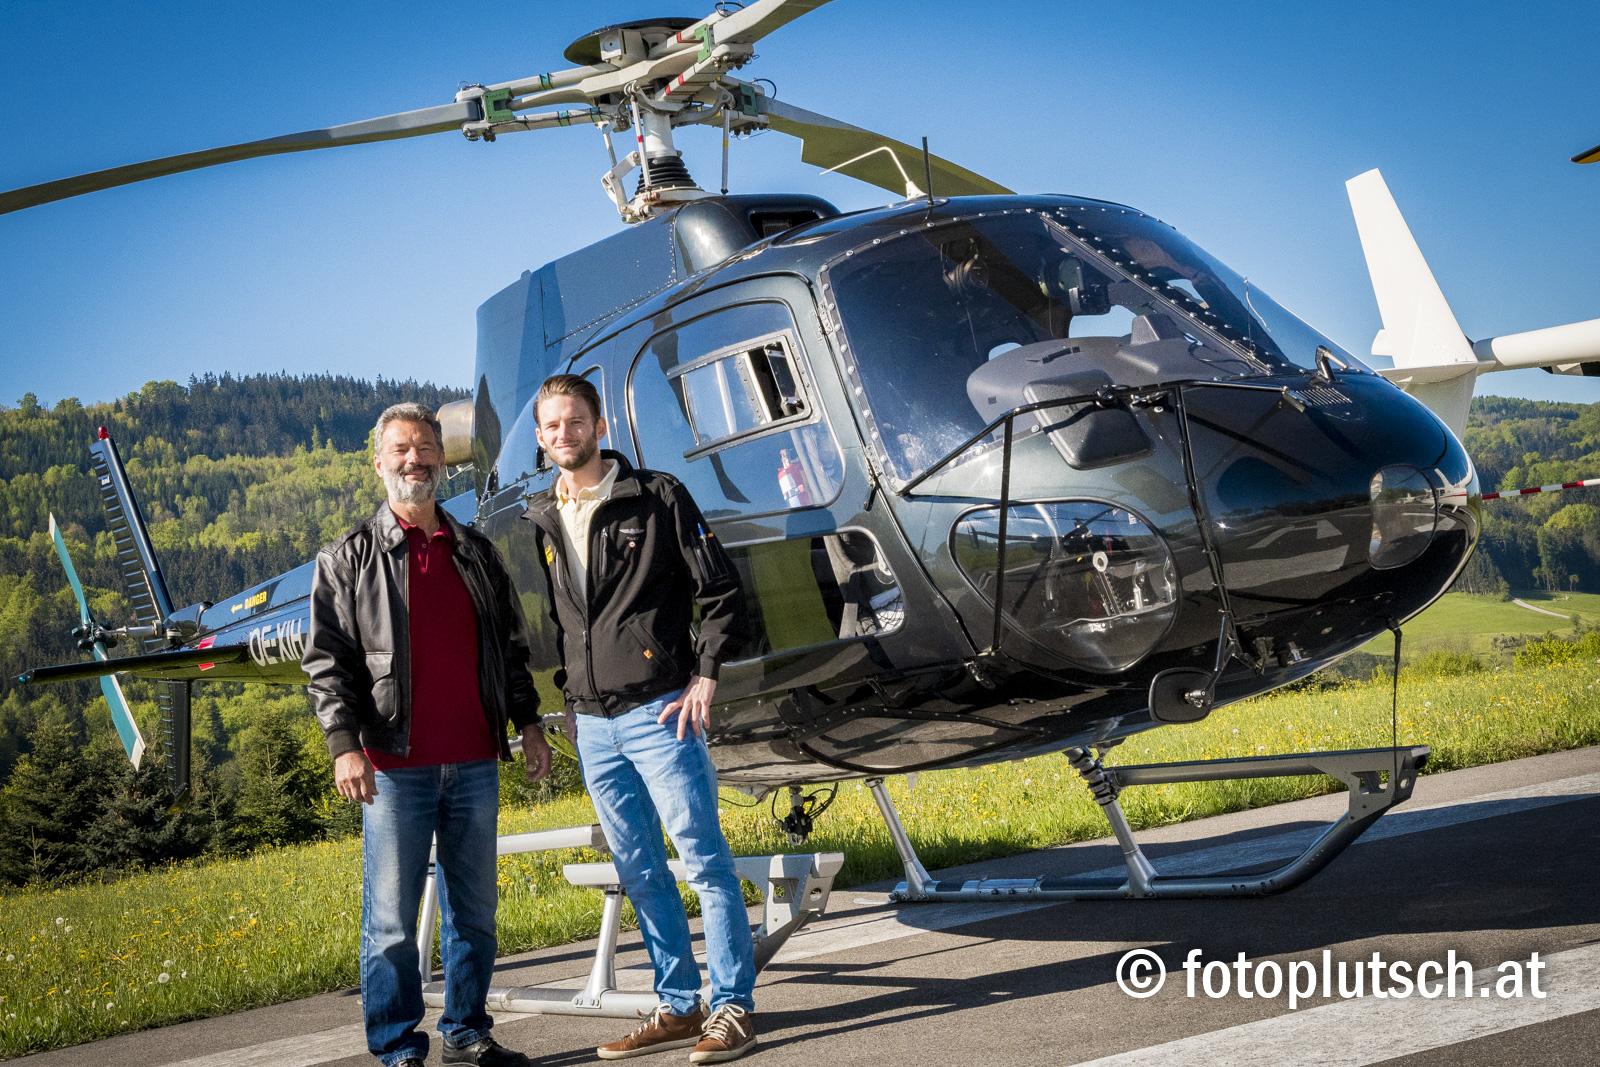 Wolfgang und Davis Pitterle mit dem Hubschrauber AS350